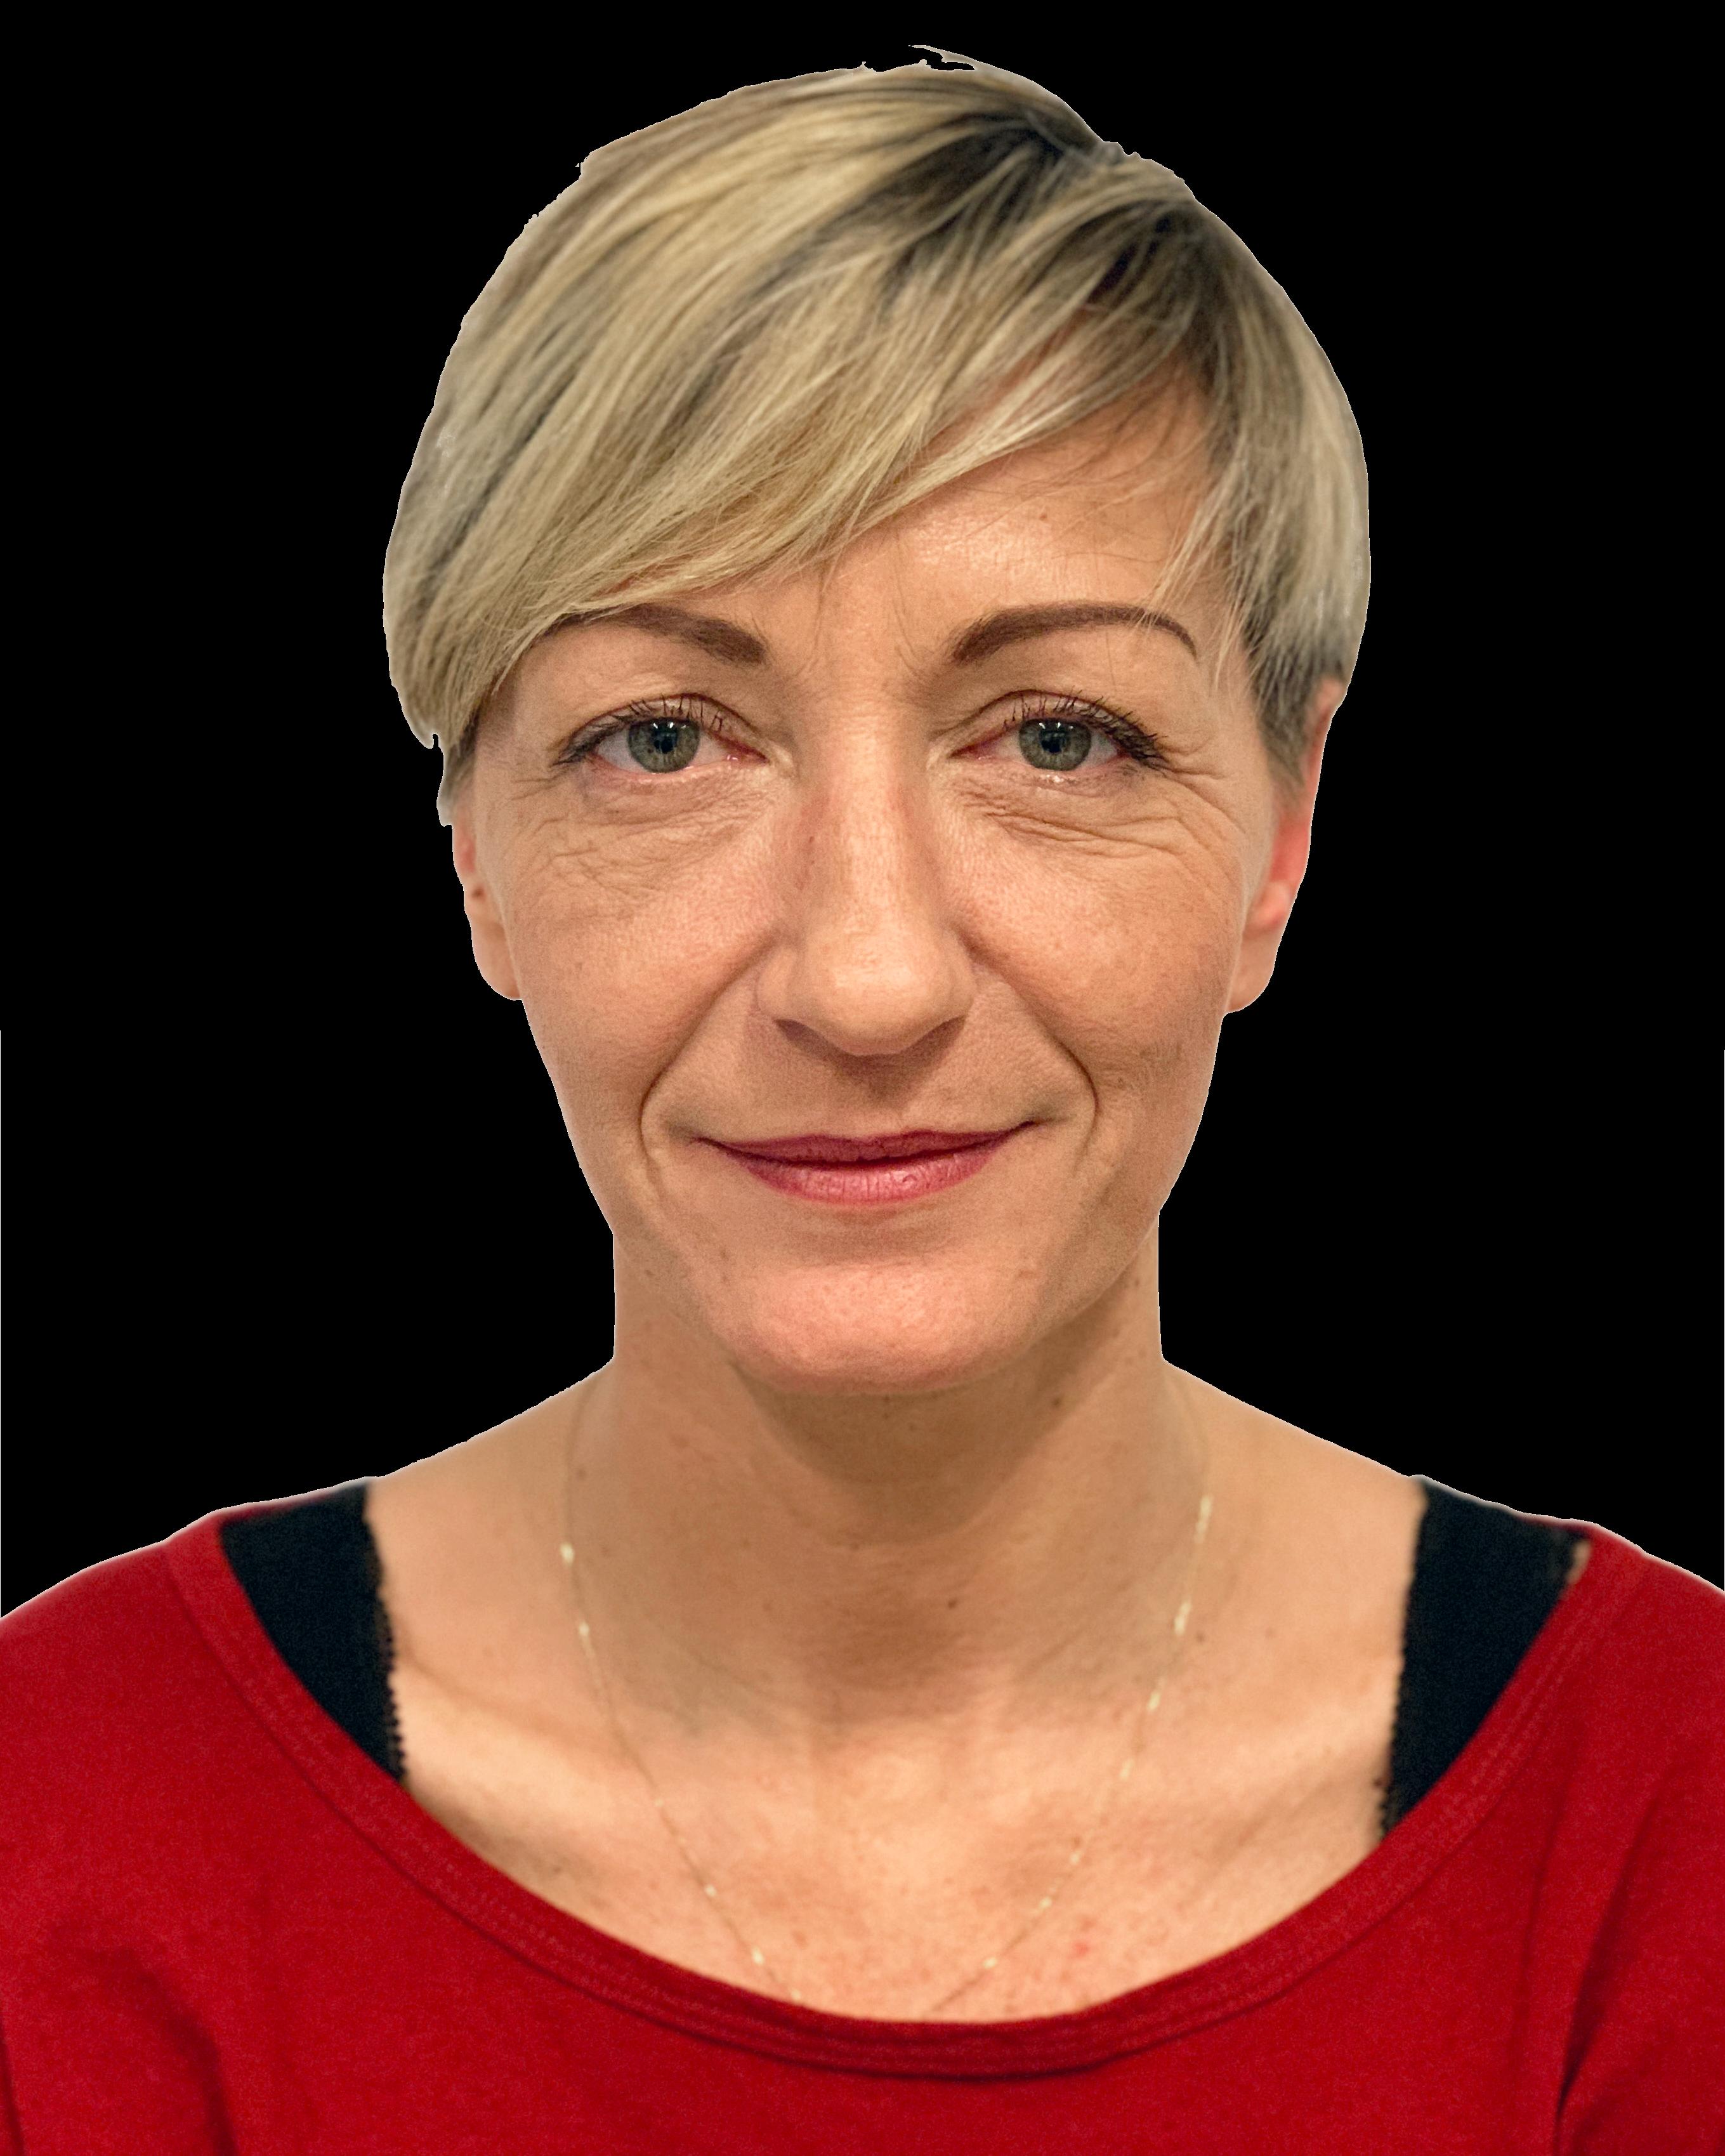 Ivana SUTER